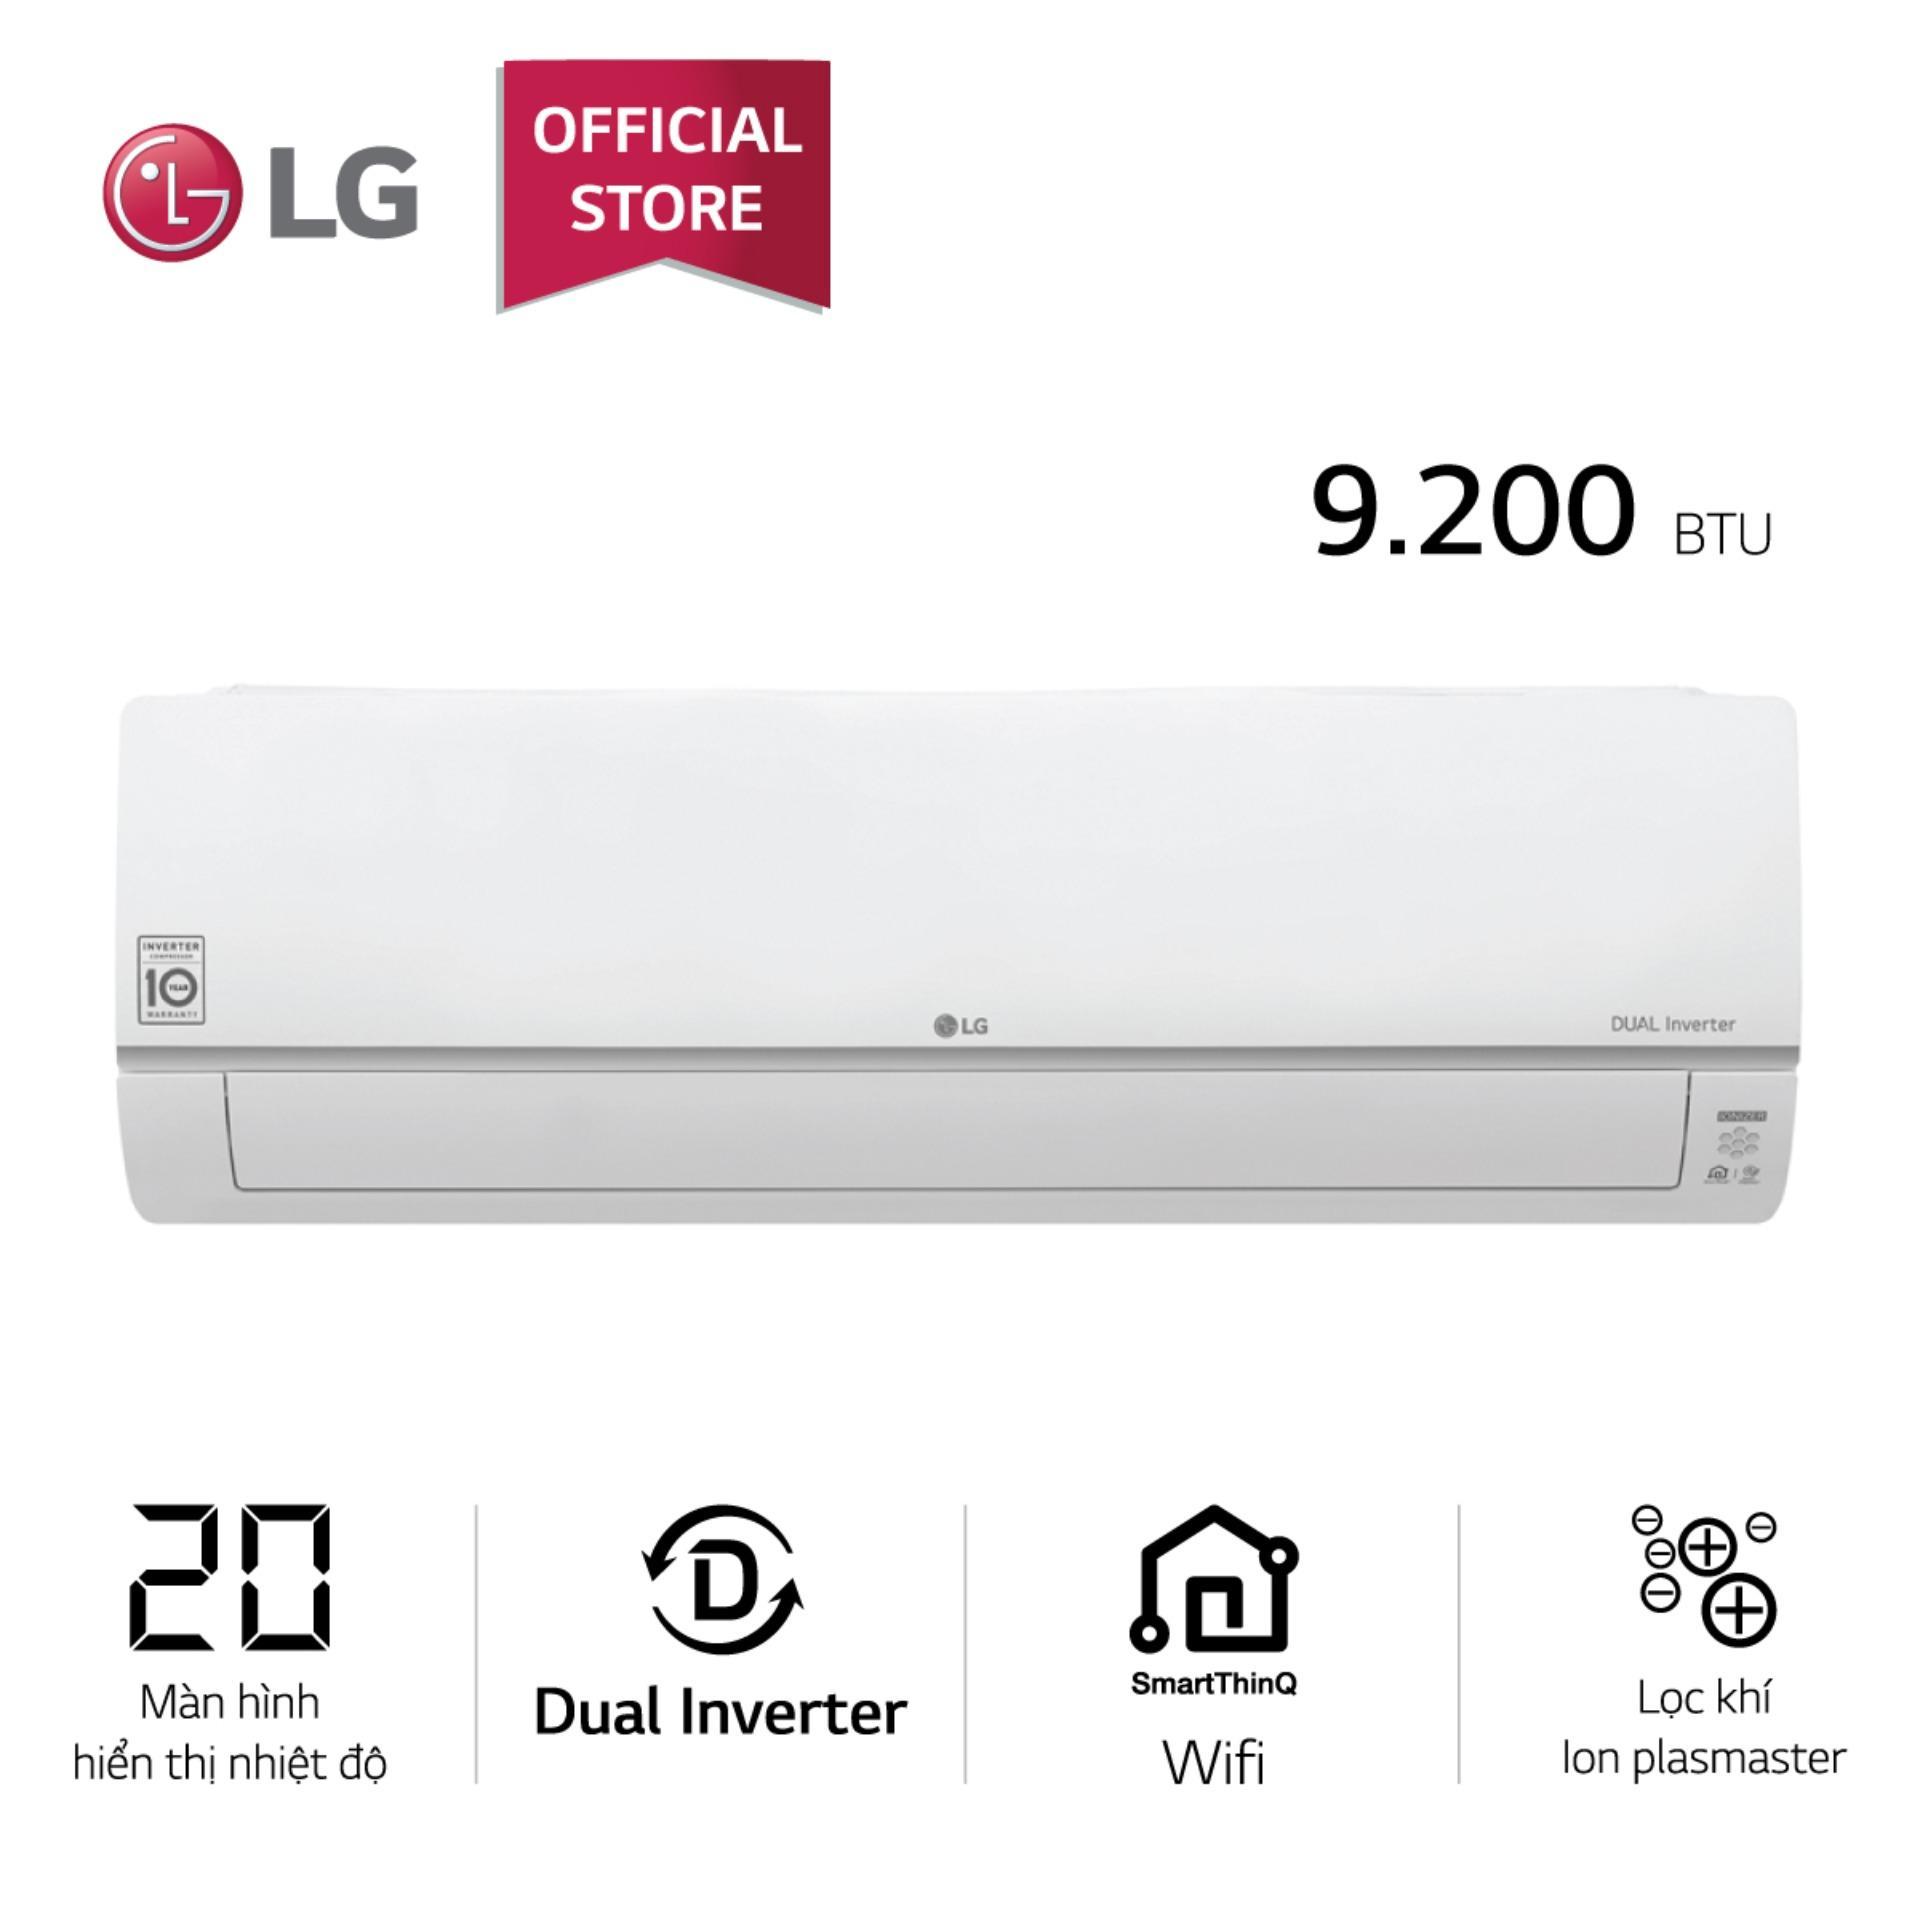 Giá Cực Tốt Để Sắm Máy Lạnh LG Inverter V10API 1.0 HP - Hàng Phân Phối Chính Hãng, Tiết Kiệm điện